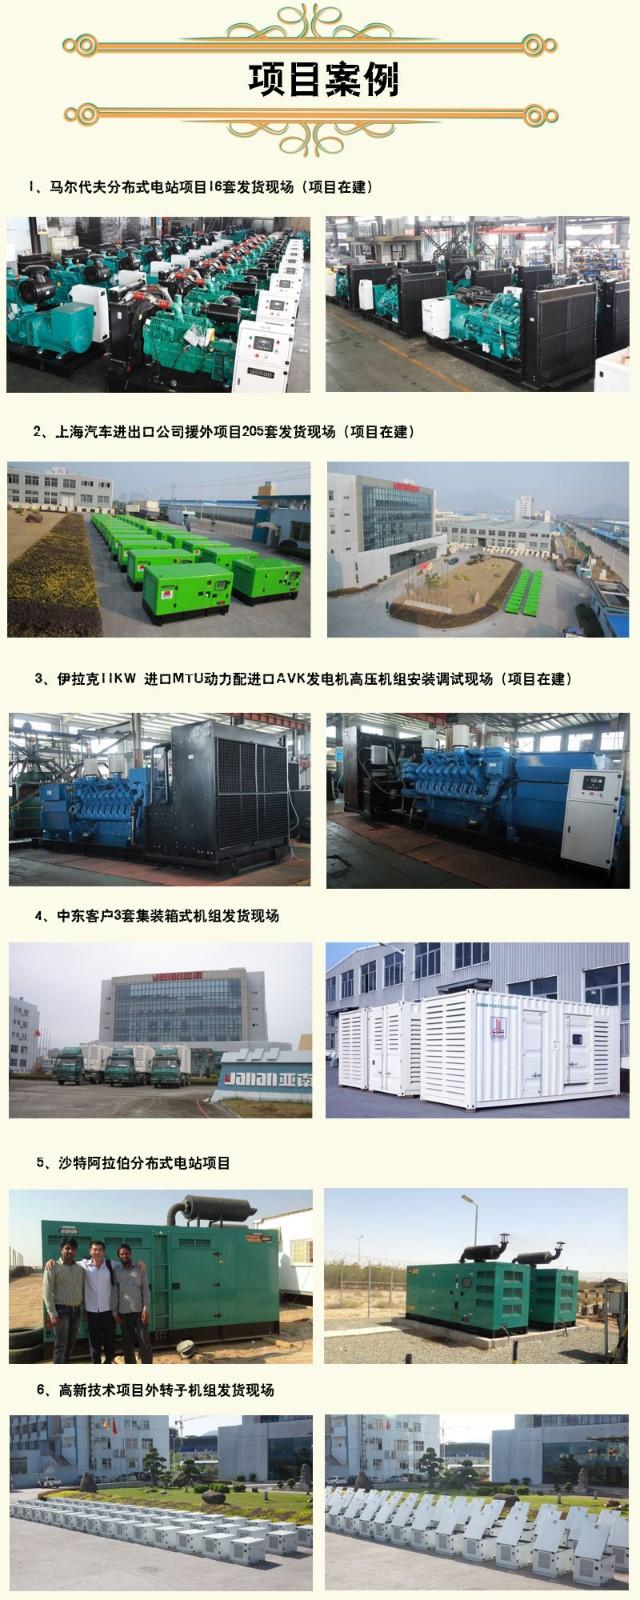 德国进口./道依茨品牌发电机组300KW图片八